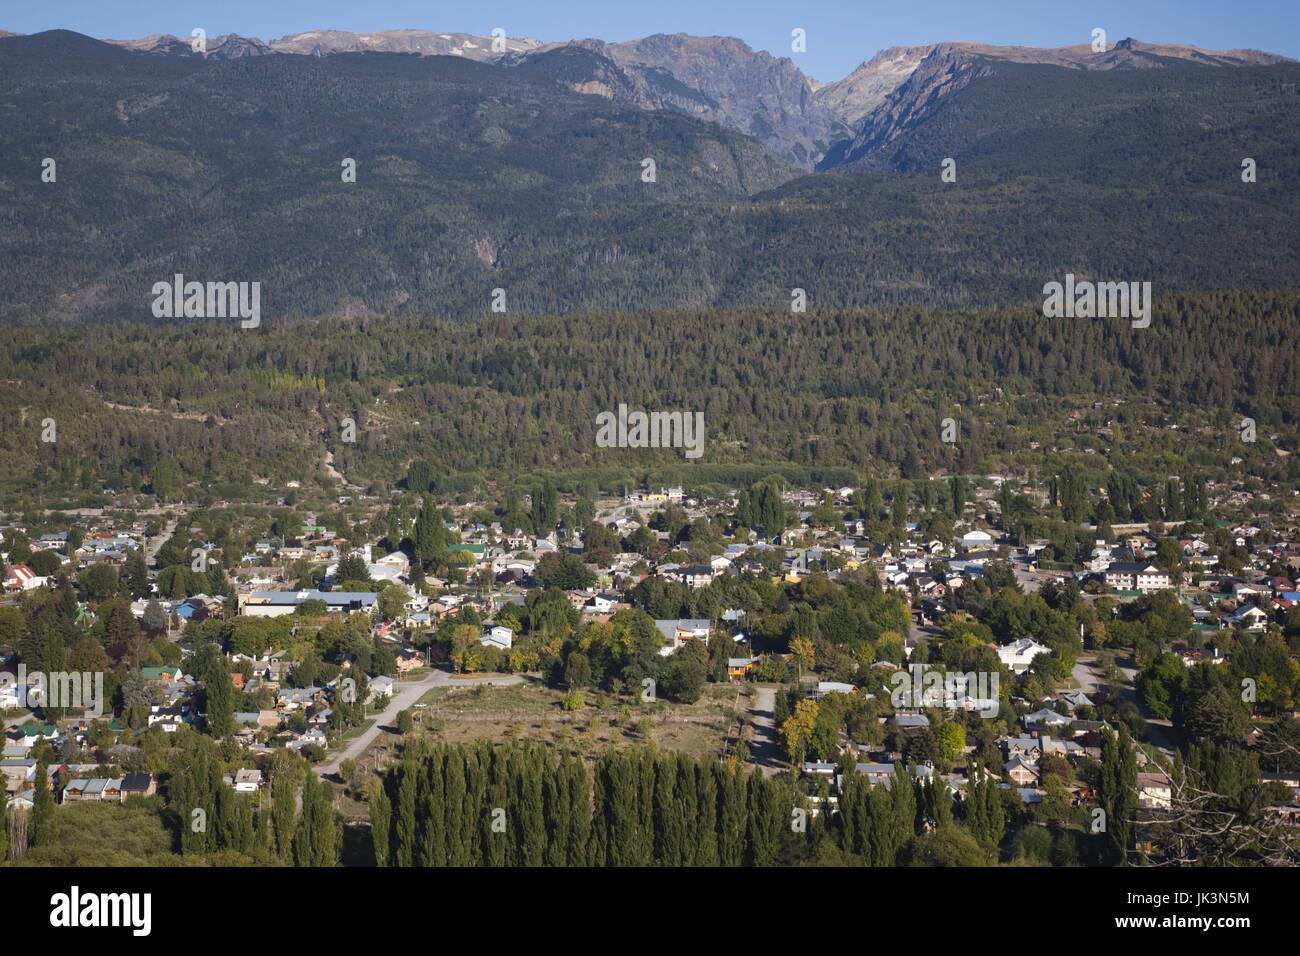 Argentina, Provincia de Río Negro, Lake District, El Bolsón, ciudad de Cerro Amigo hill Imagen De Stock